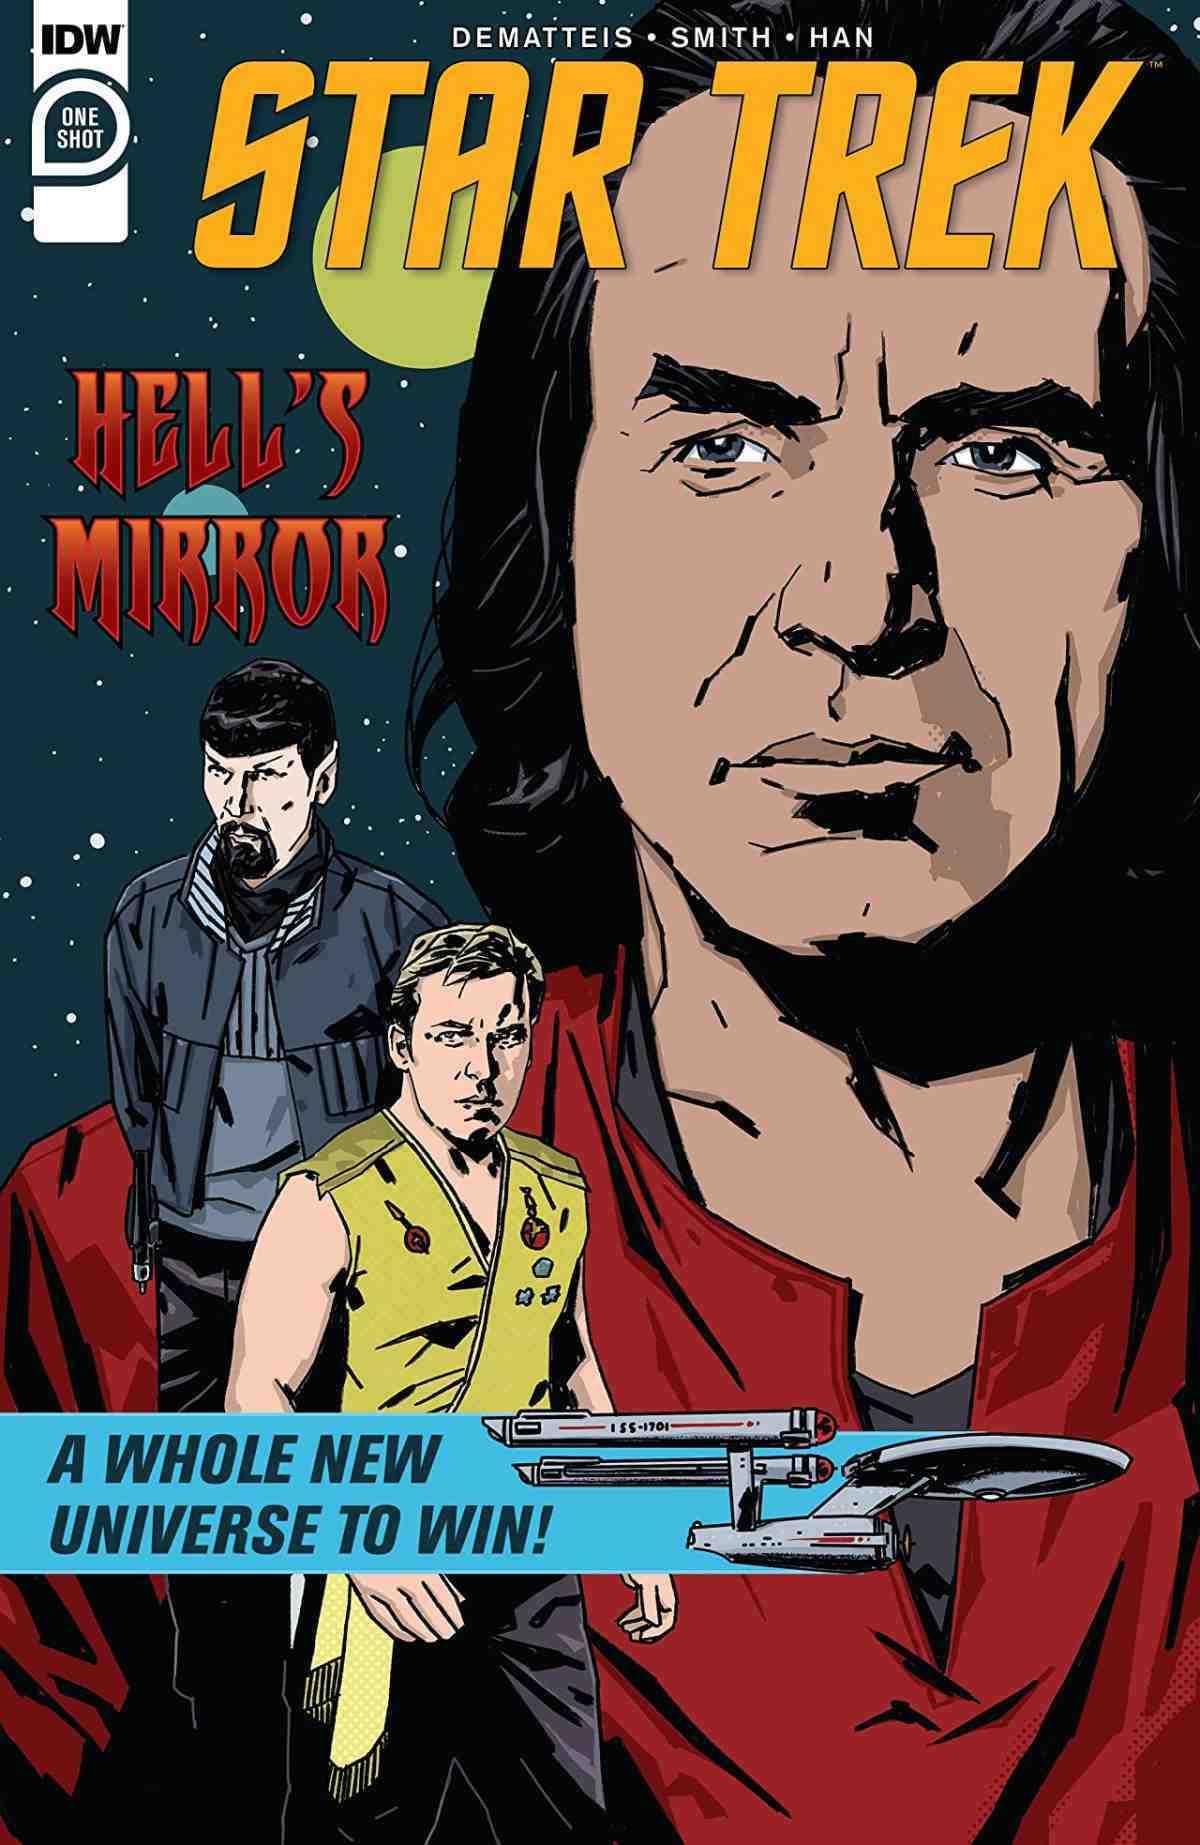 Star Trek Hell's Mirror